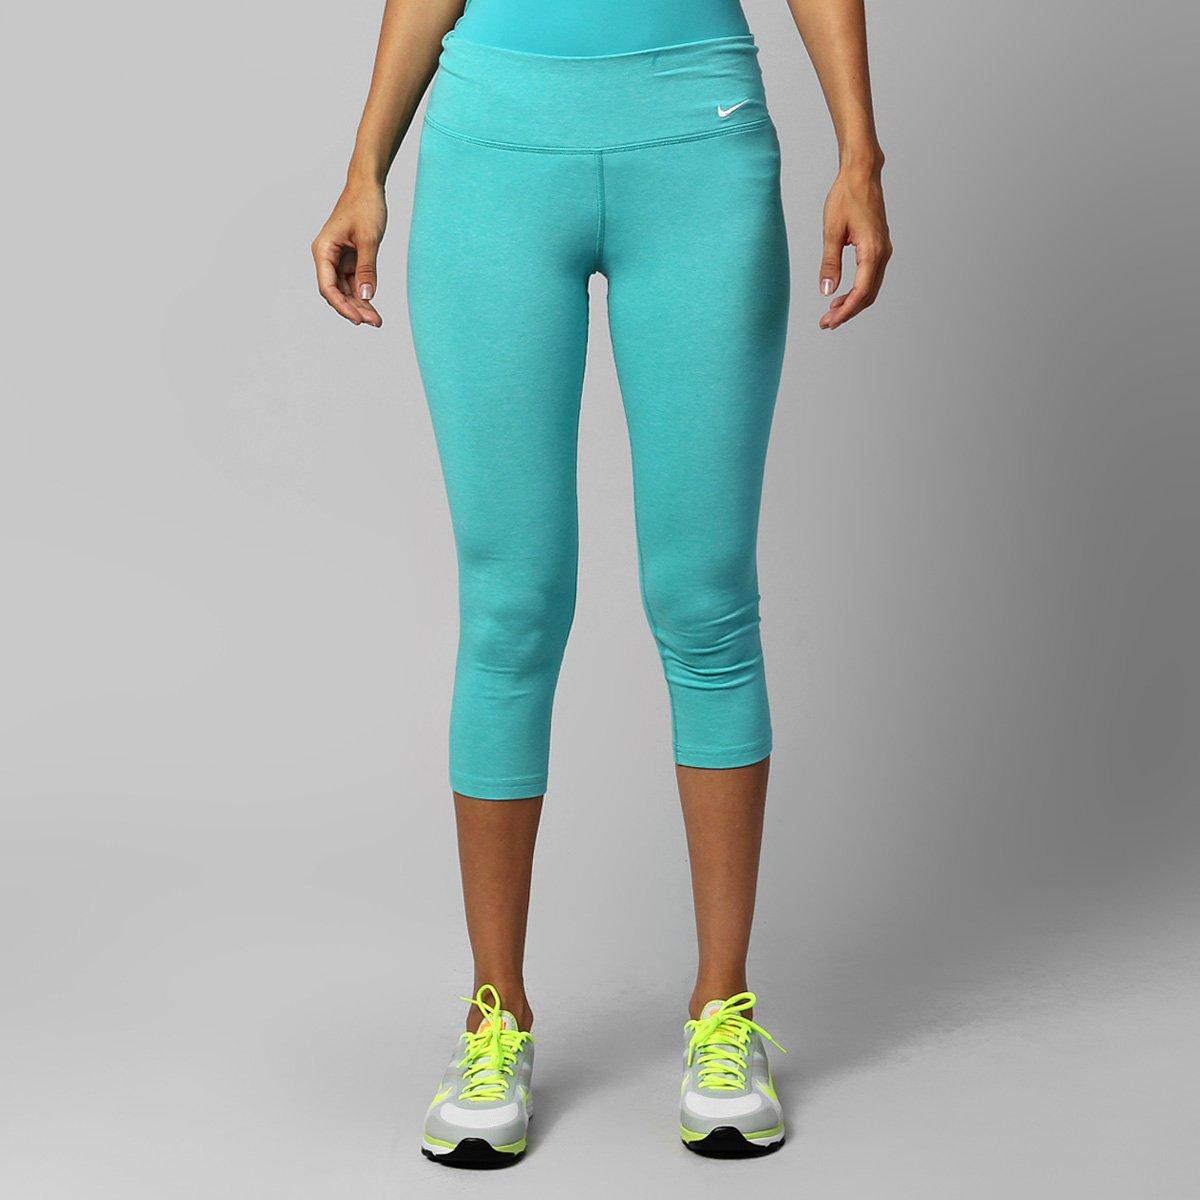 Calça 3 4 Nike Legend DFC 2.0 - Compre Agora  f3e5693f98092